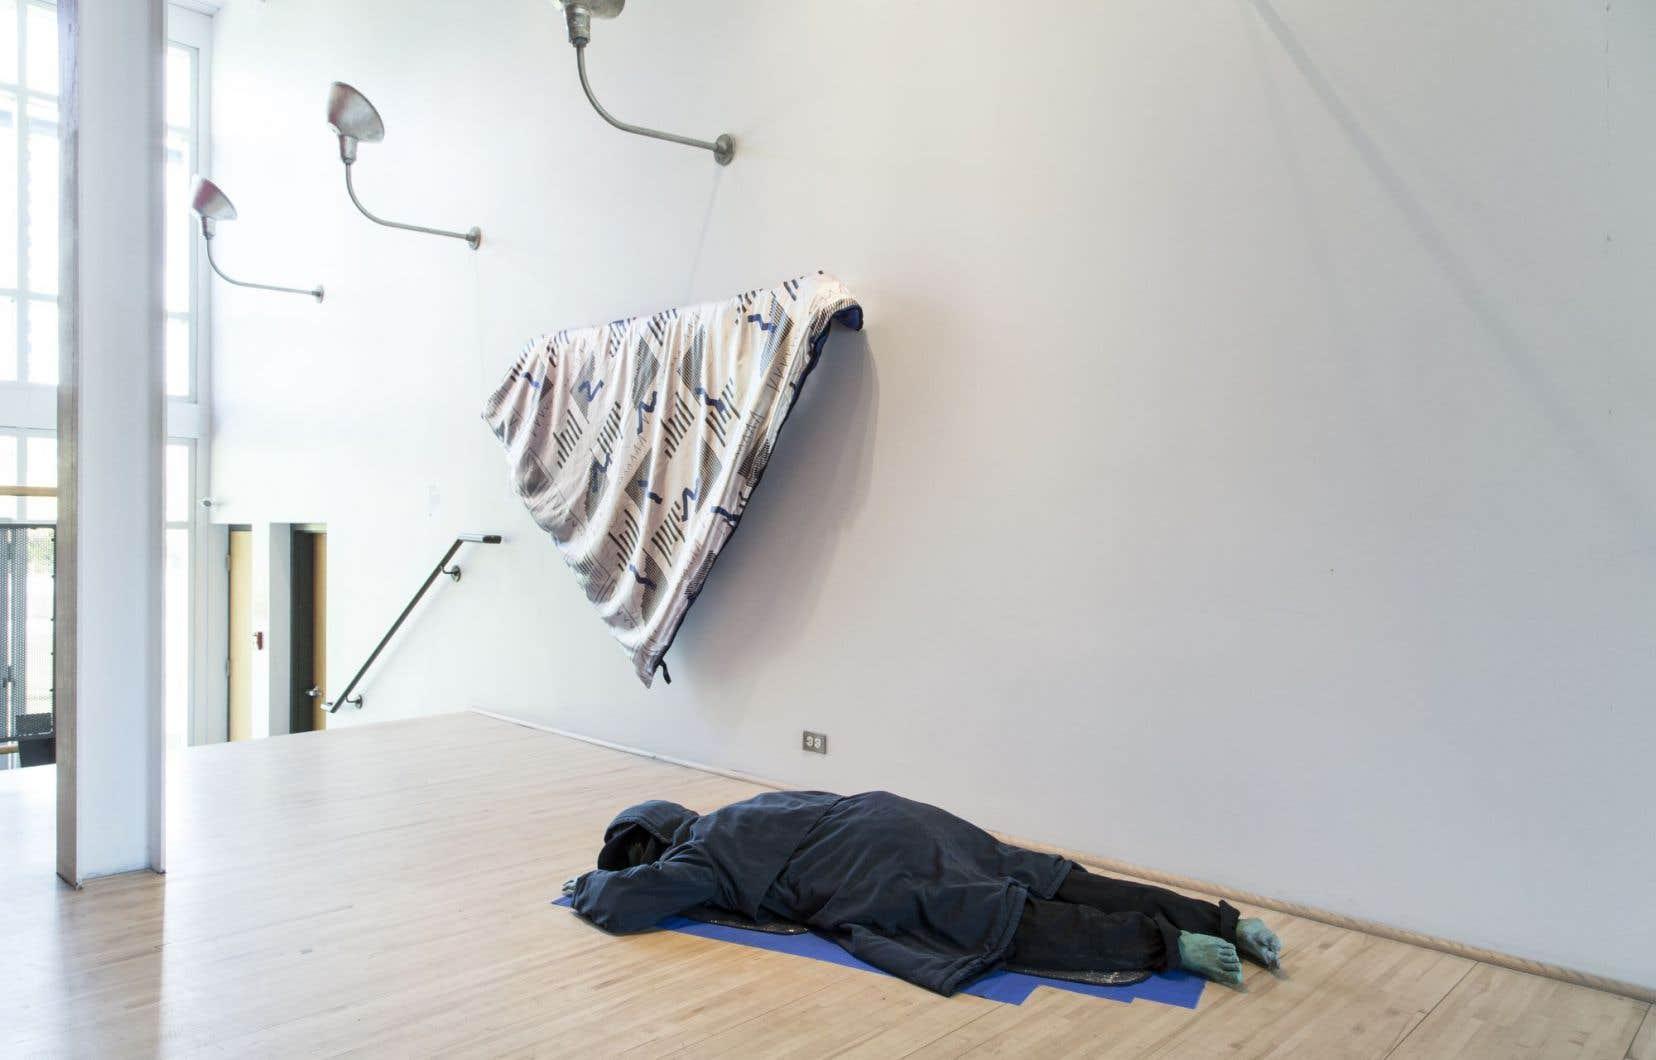 L'une des propositions de l'exposition «Monuments aux victimes de la liberté» est celle de Dominique Sirois, qui a conçu une sculpture hyperréaliste d'un sans-abri sans visage à enjamber dans le corridor.